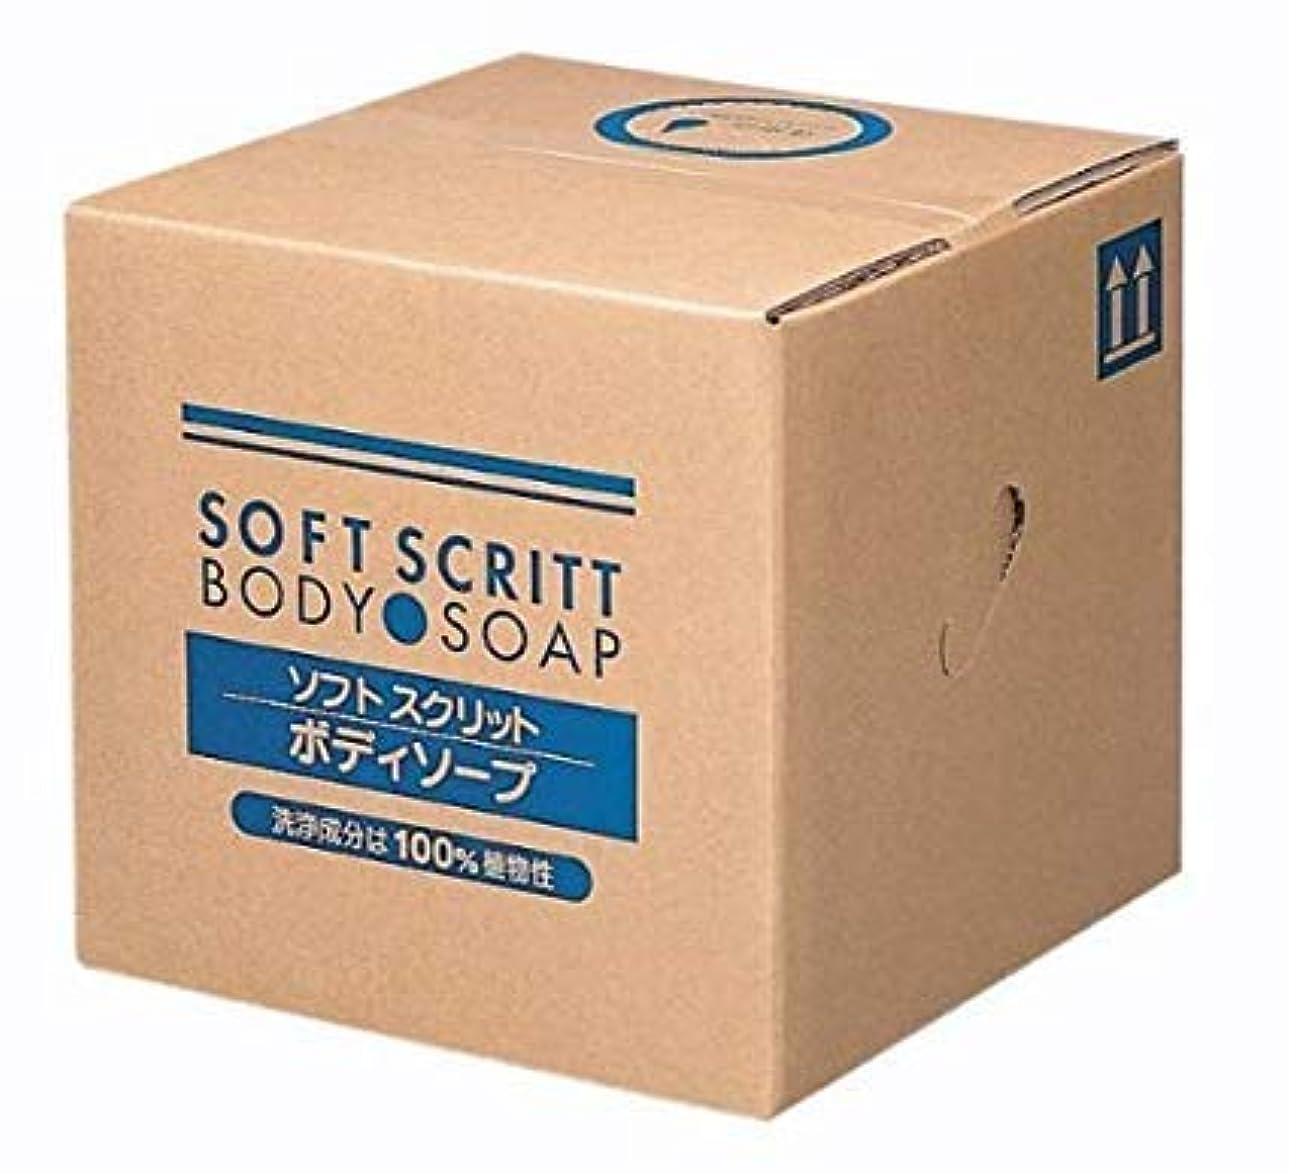 パン屋適応する運命業務用 SOFT SCRITT(ソフト スクリット) ボディソープ 18L 熊野油脂 コック無し